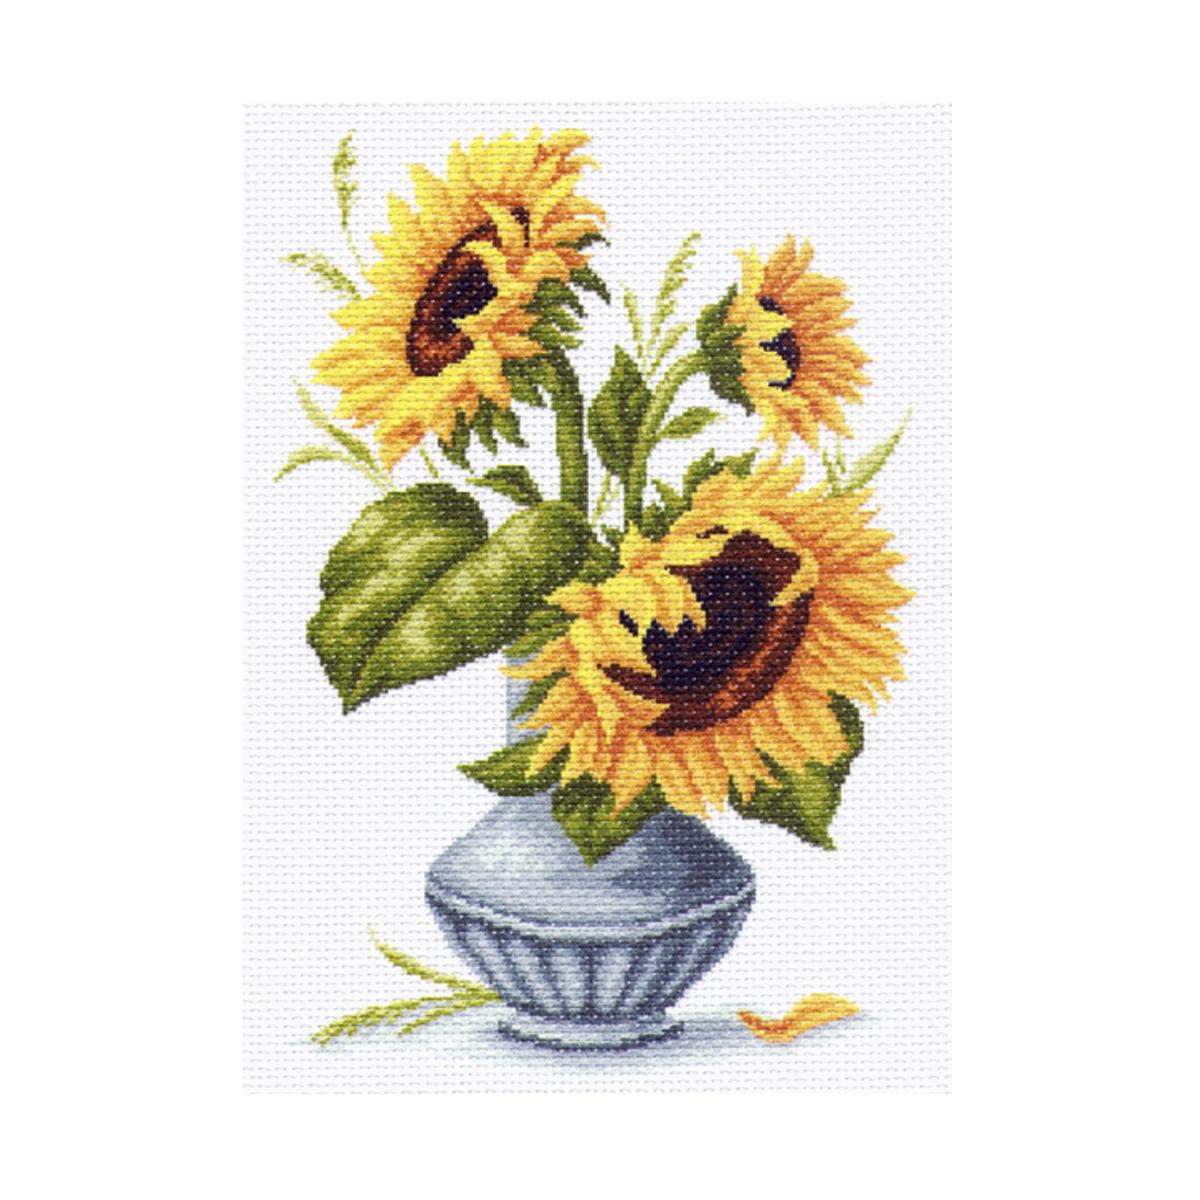 Канва с рисунком Матренин Посад Подсолнухи в вазе, 33 см х 45 см. 1239549905Размер: 33x45 см Рисунок полностью напечатан на канве. Указана цветовая карта ниток. Вышивать рекомендуется мулине в 3 сложения.